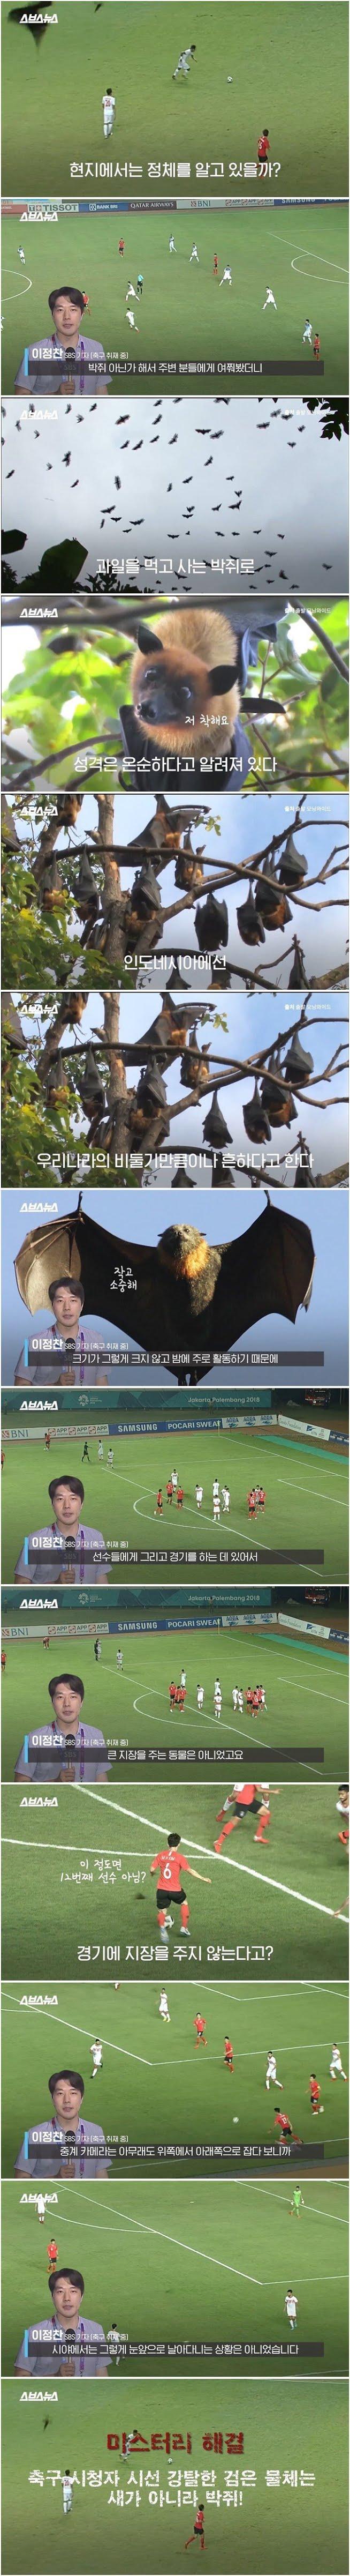 아시안게임 축구 화면 가리던 새들의 정체